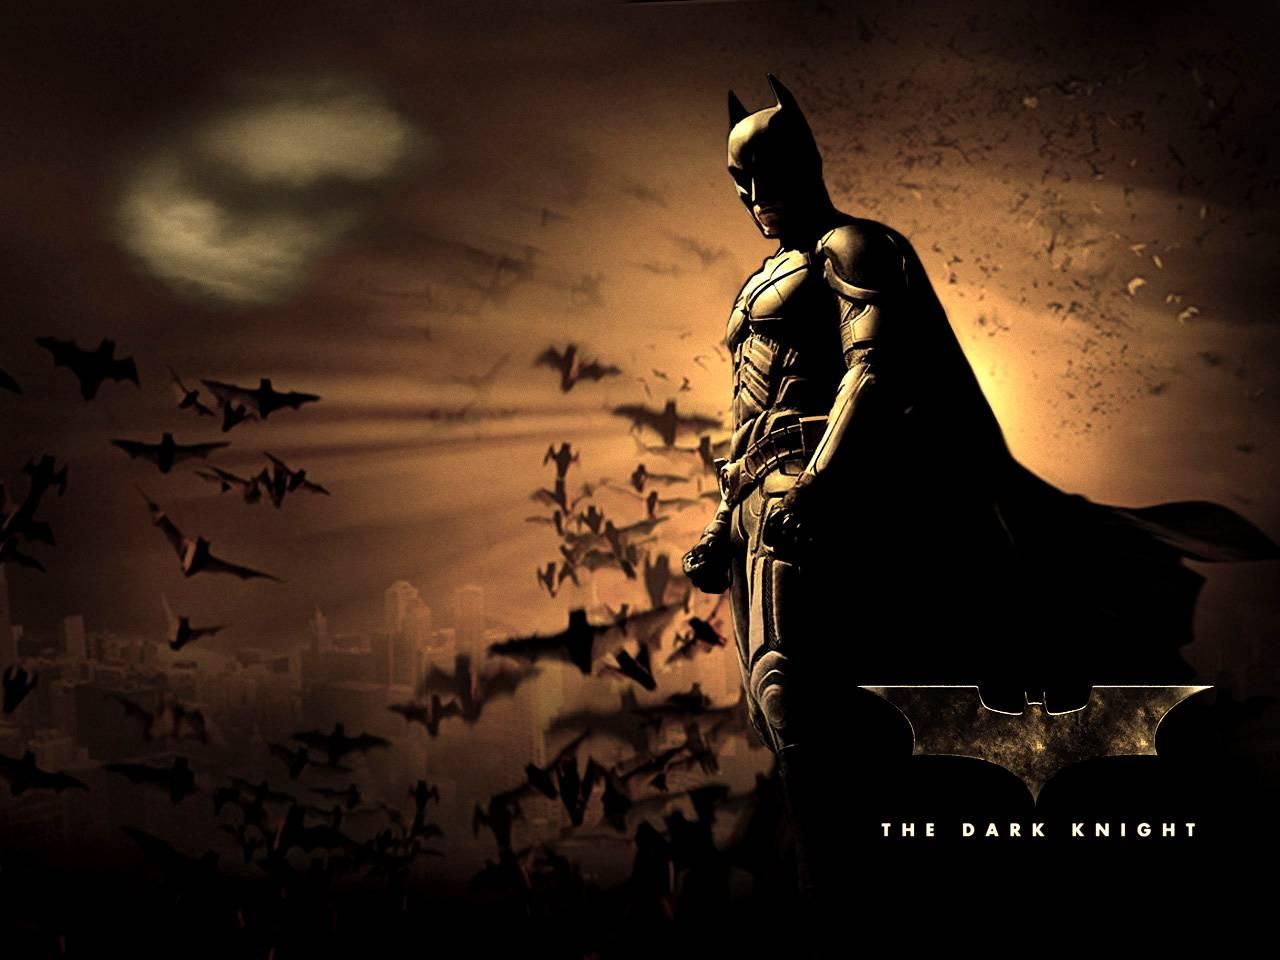 batman cool photo   Batman Wallpaper 1280x960